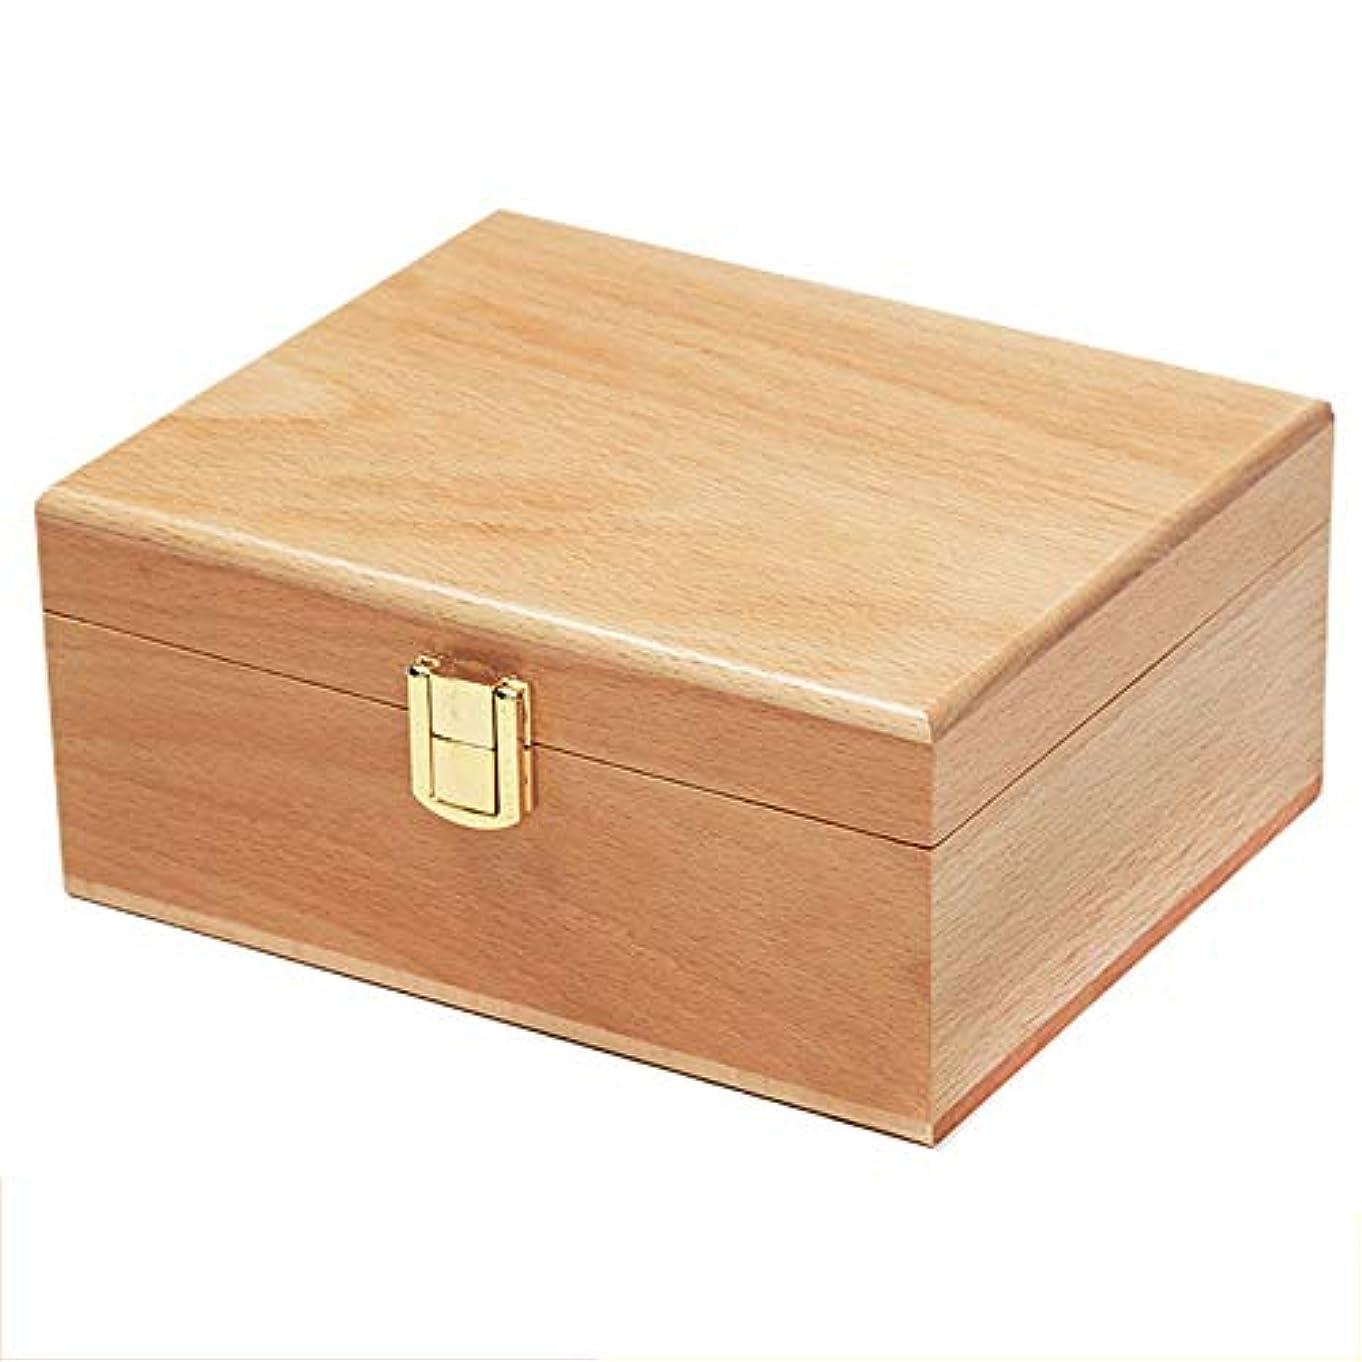 大聖堂優勢ディベートプレゼンテーションのために手作りの木製エッセンシャルオイルストレージボックス主催パーフェクトエッセンシャルオイルケースは被害太陽光からあなたの油を保護します アロマセラピー製品 (色 : Natural, サイズ : 19X16X8.5CM)